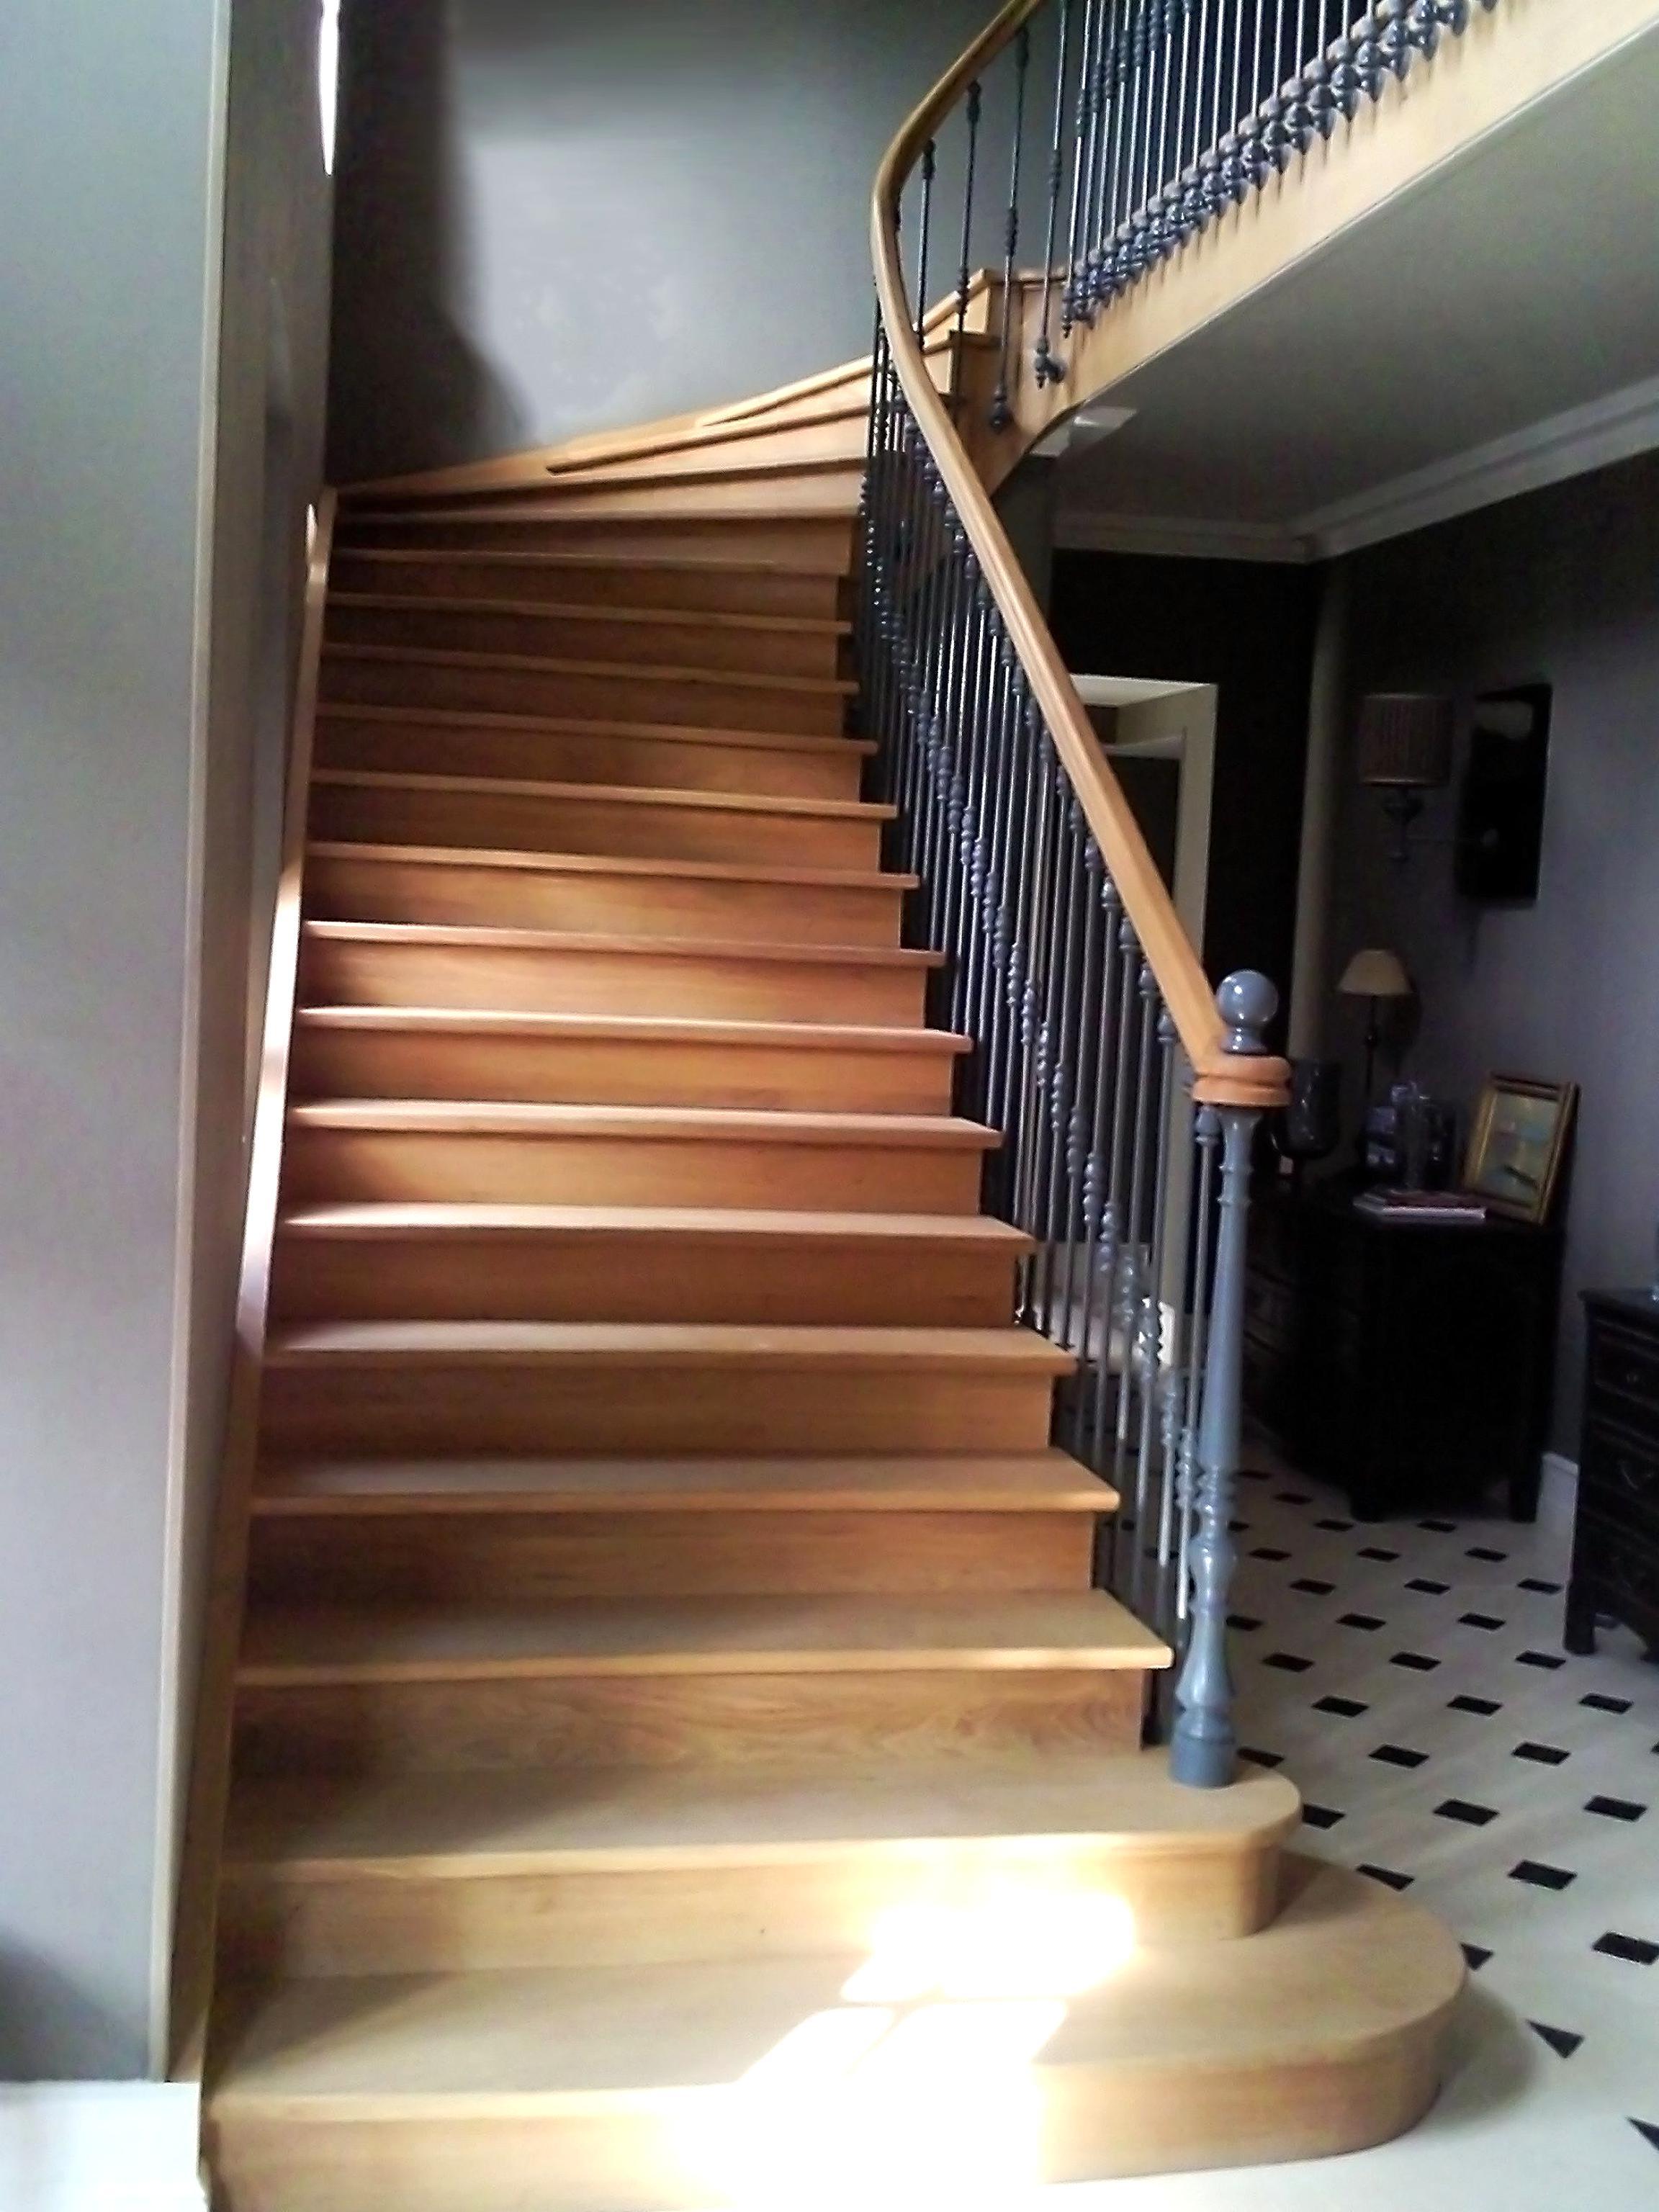 Barriere Escalier En Colimaçon escalier ancien d'occasion | plus que 4 à -70%